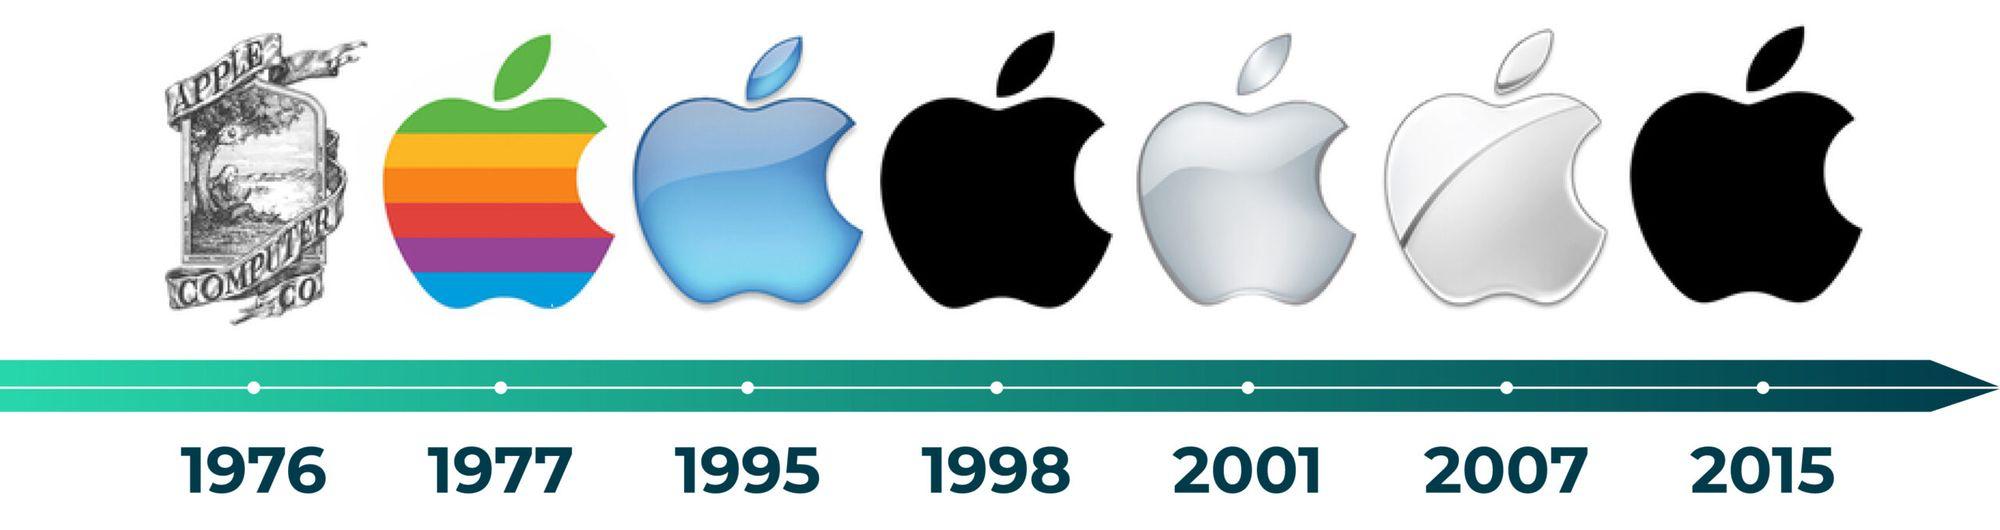 Evolução cronológica do logotipo da Apple